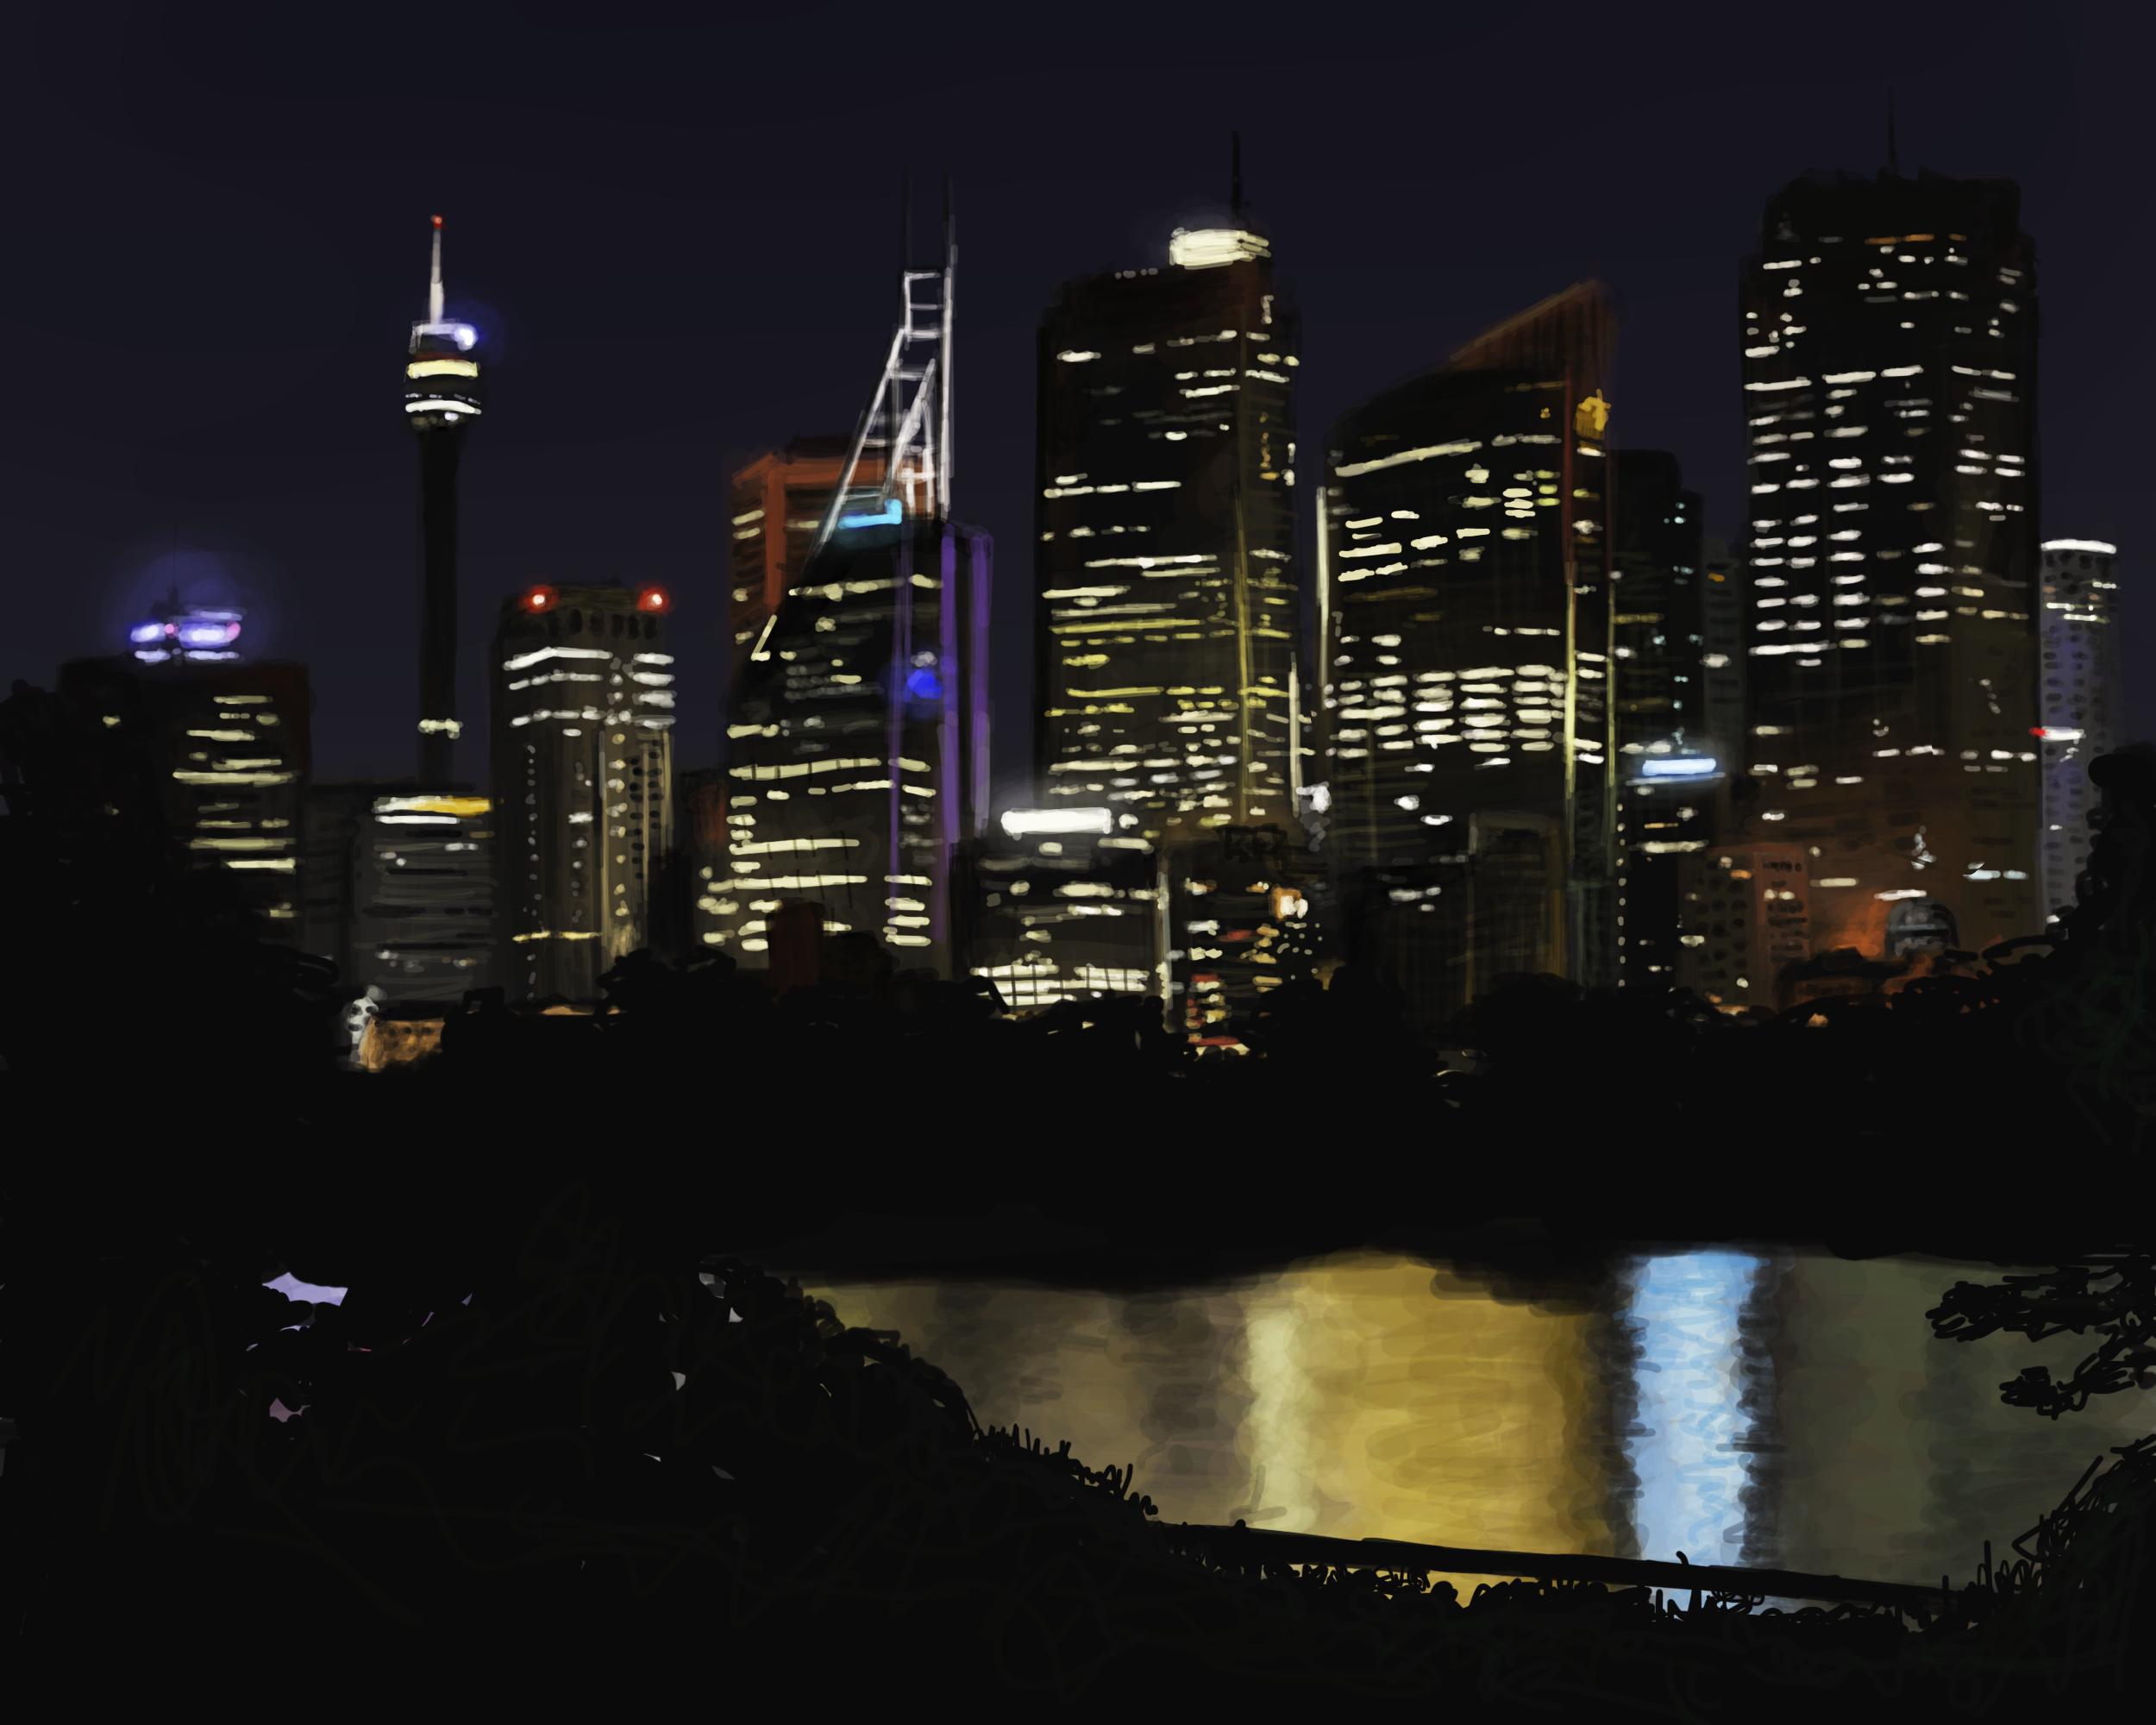 Night Time City Skyline by hytermmma on DeviantArt